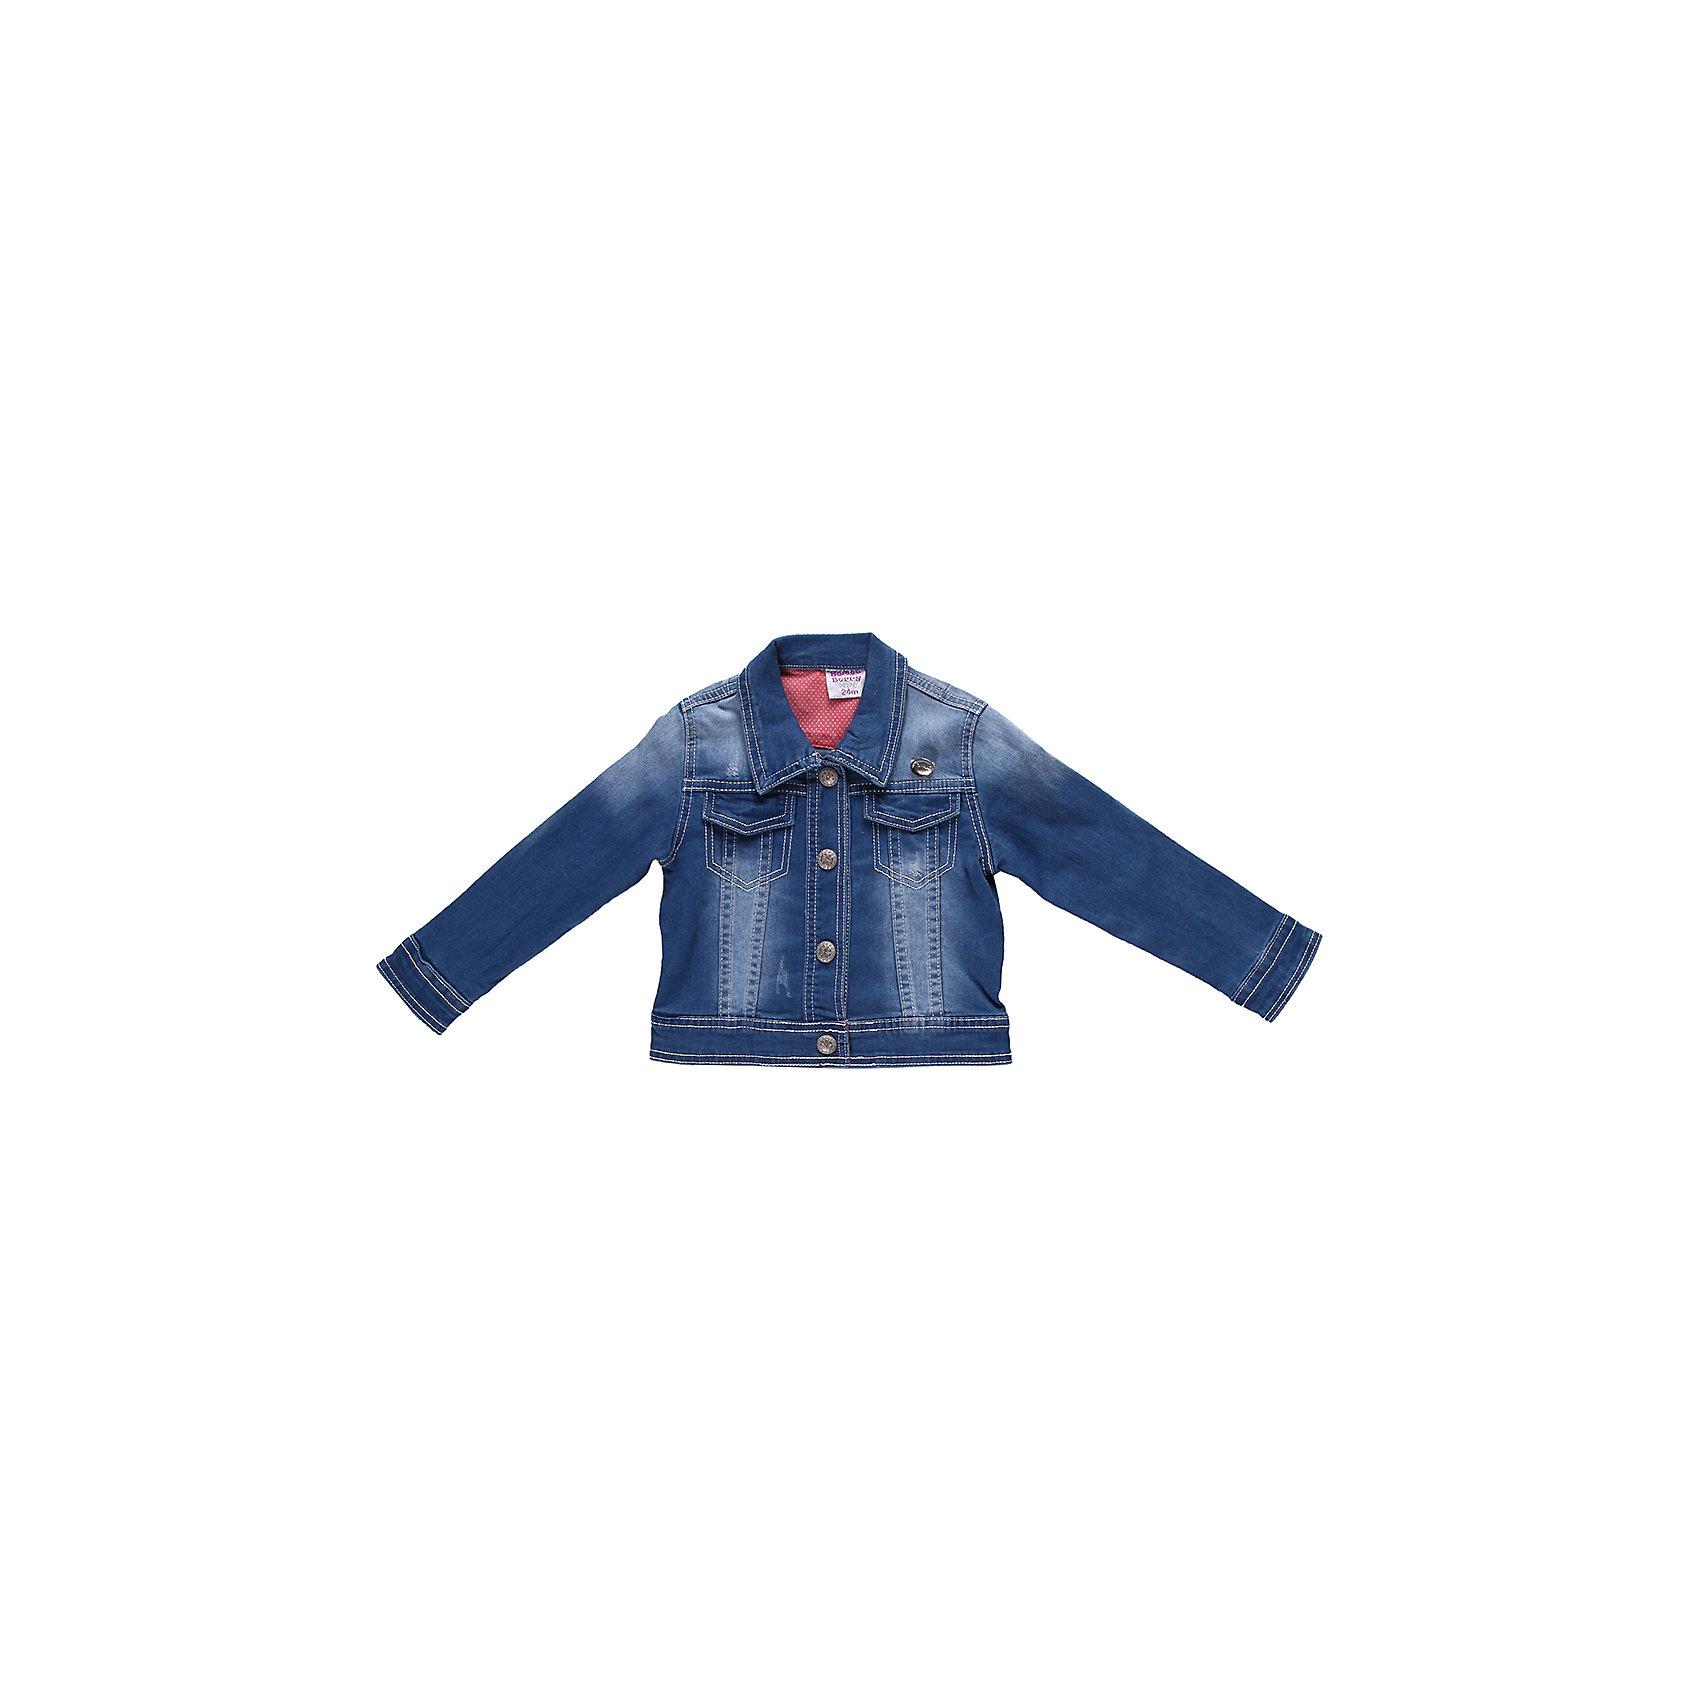 Куртка джинсовая для девочки Sweet BerryДжинсовая одежда<br>Джинсовая куртка с контрастной отделкой на кнопках.<br>Состав:<br>98% хлопок, 2% эластан<br><br>Ширина мм: 356<br>Глубина мм: 10<br>Высота мм: 245<br>Вес г: 519<br>Цвет: голубой<br>Возраст от месяцев: 9<br>Возраст до месяцев: 12<br>Пол: Женский<br>Возраст: Детский<br>Размер: 80,86,98,92<br>SKU: 4520308